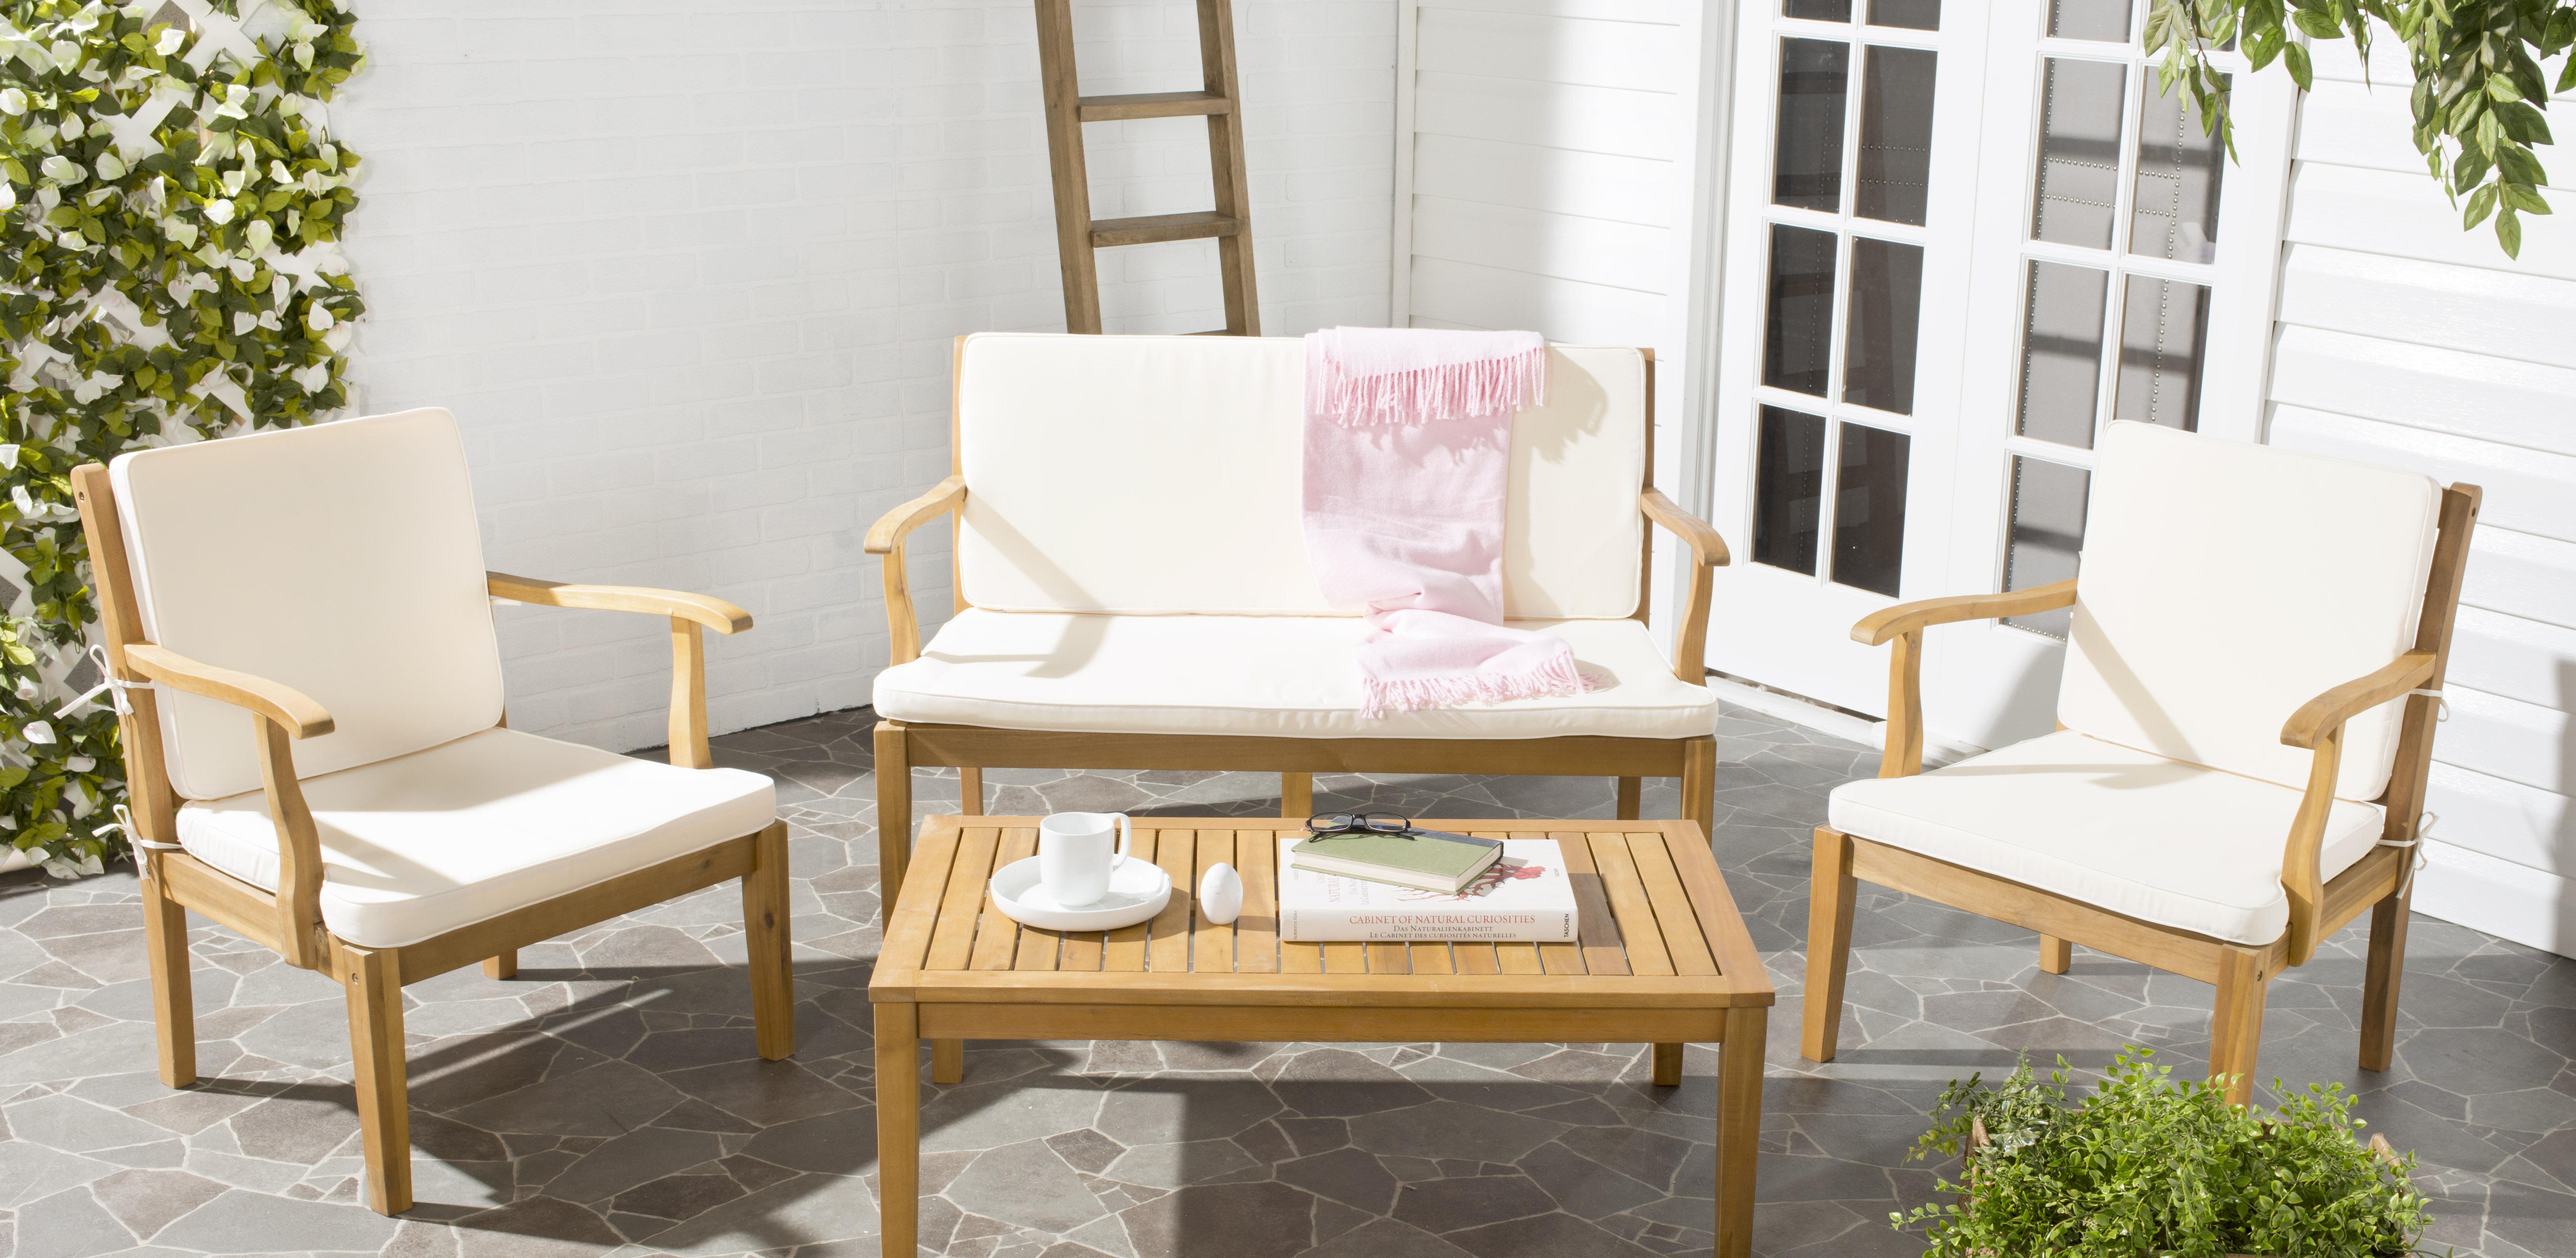 Safavieh Bradbury 4 Piece Sofa Set With Cushions | Wayfair